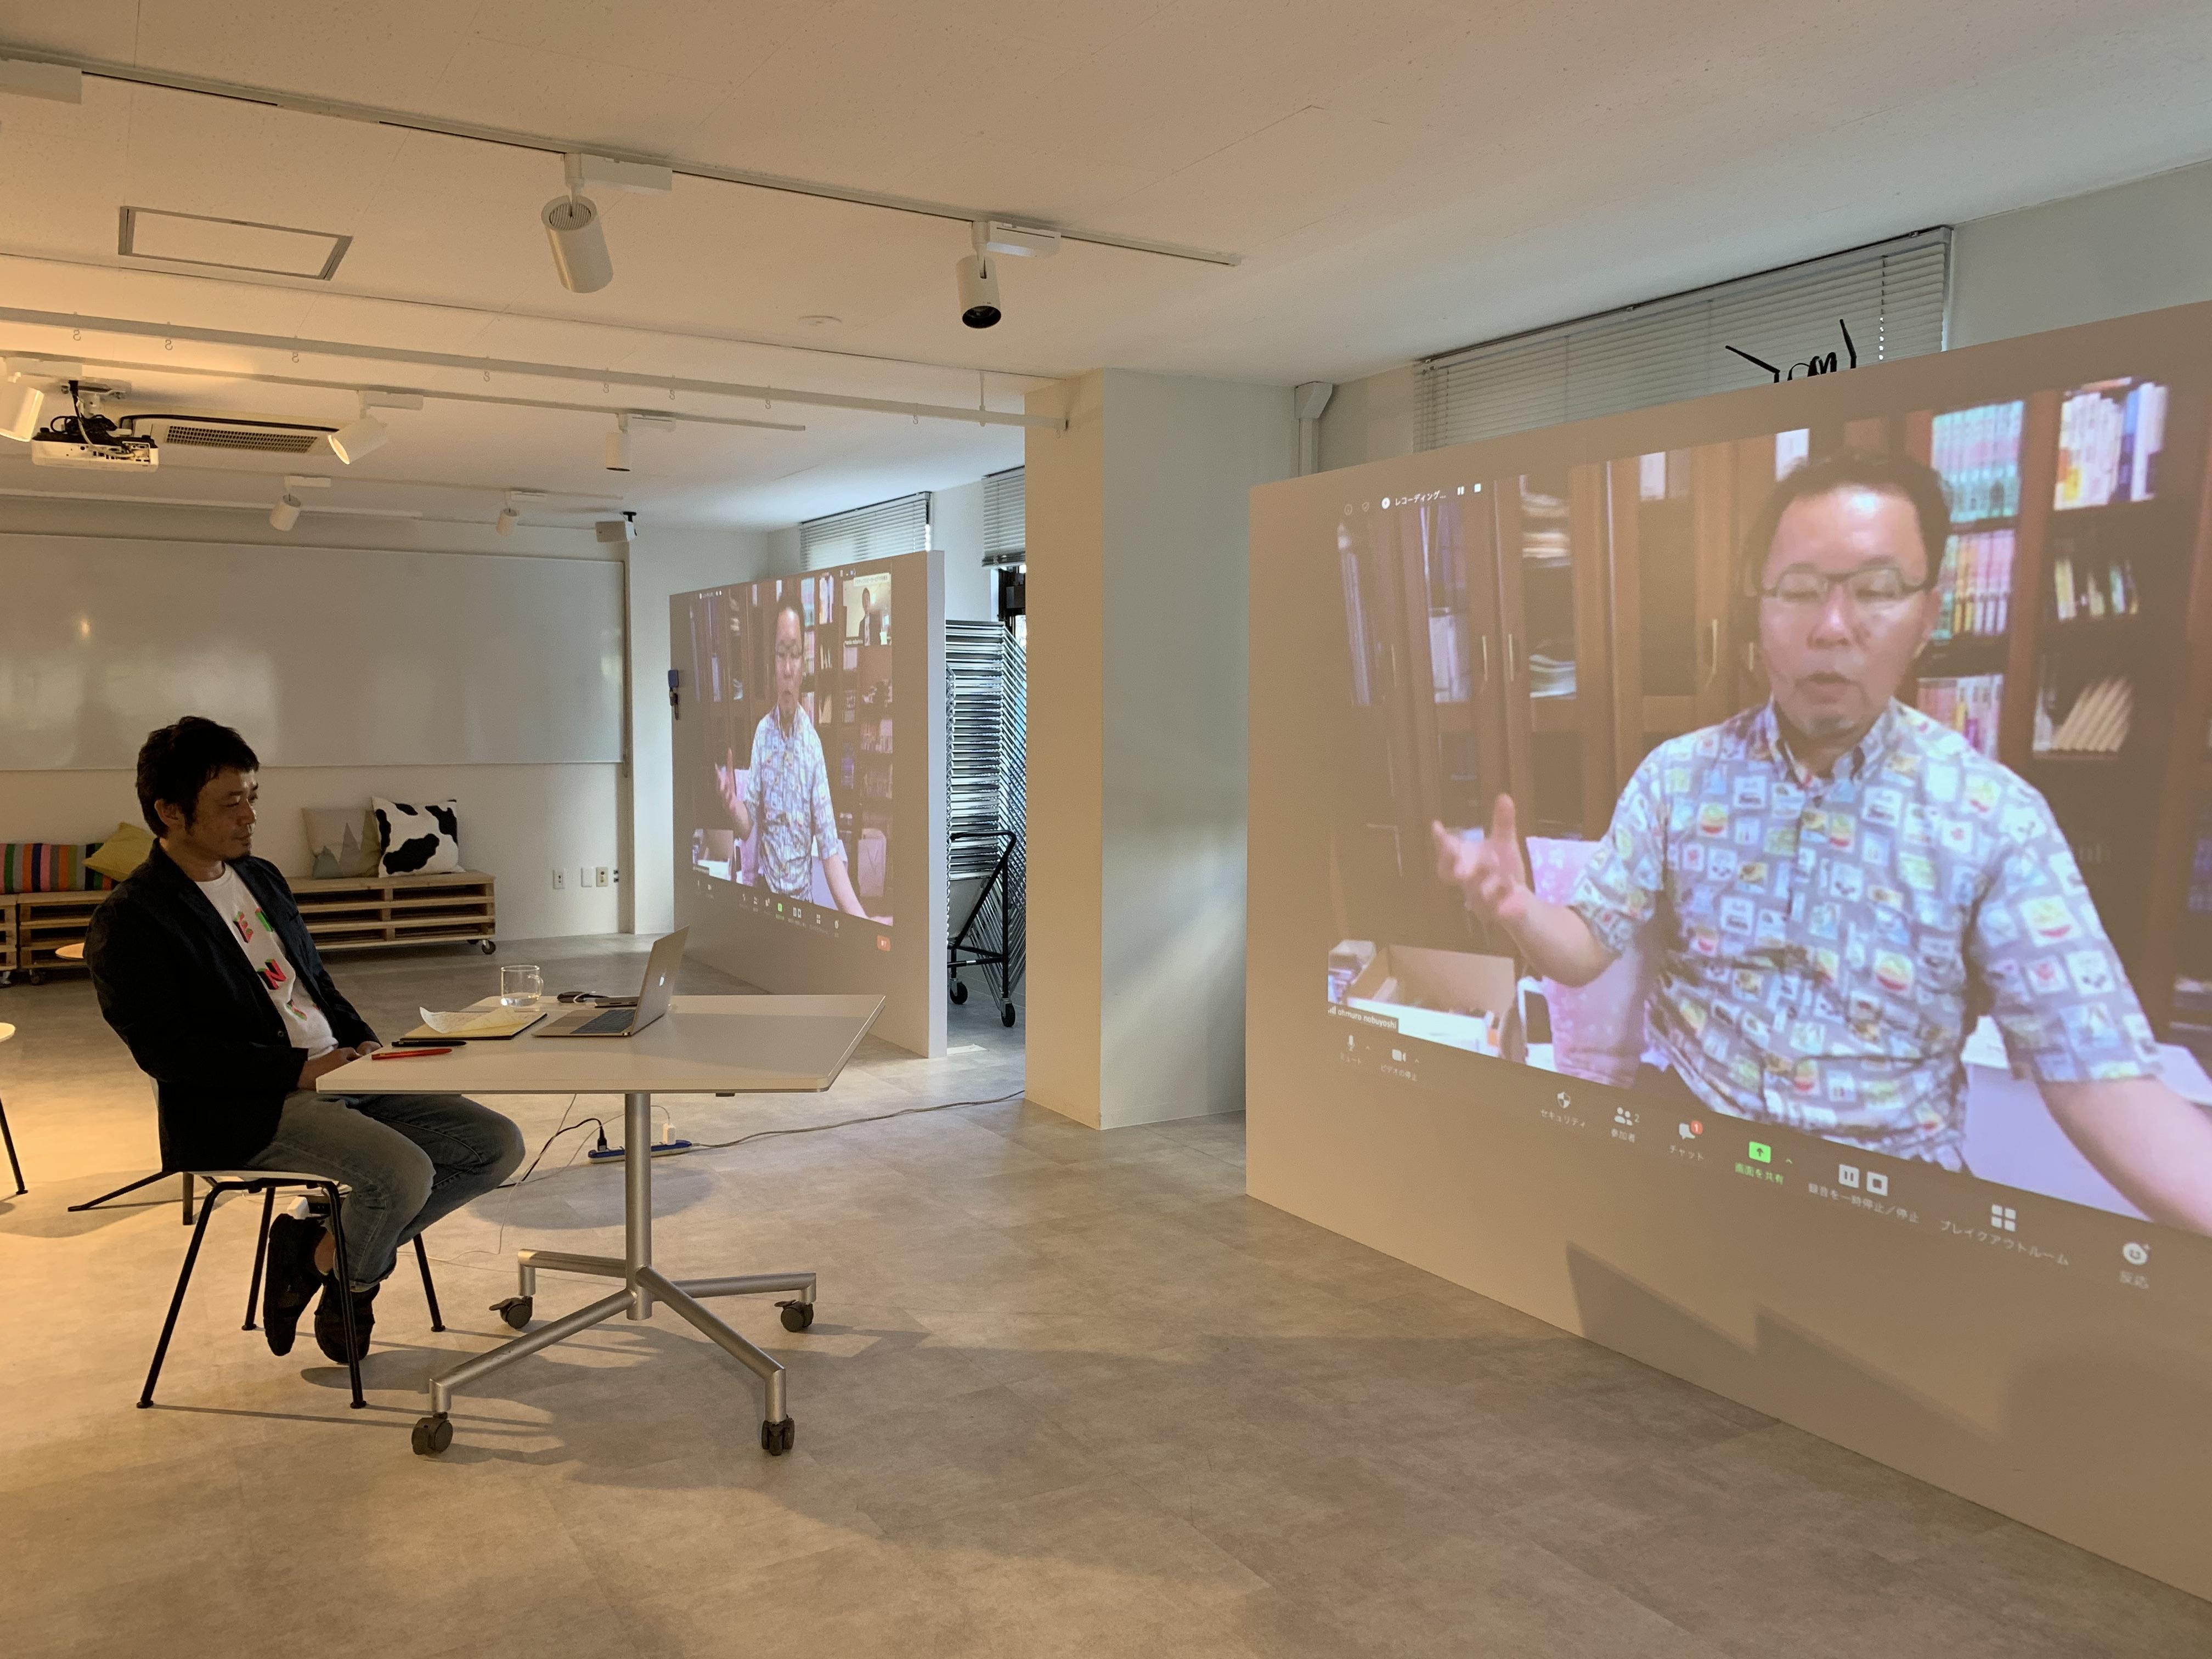 京都がイノベーションのまちであり続けた理由│SILK所長 大室 悦賀│連続インタビュー「価値観と関係性が紡ぎ続ける経済圏」